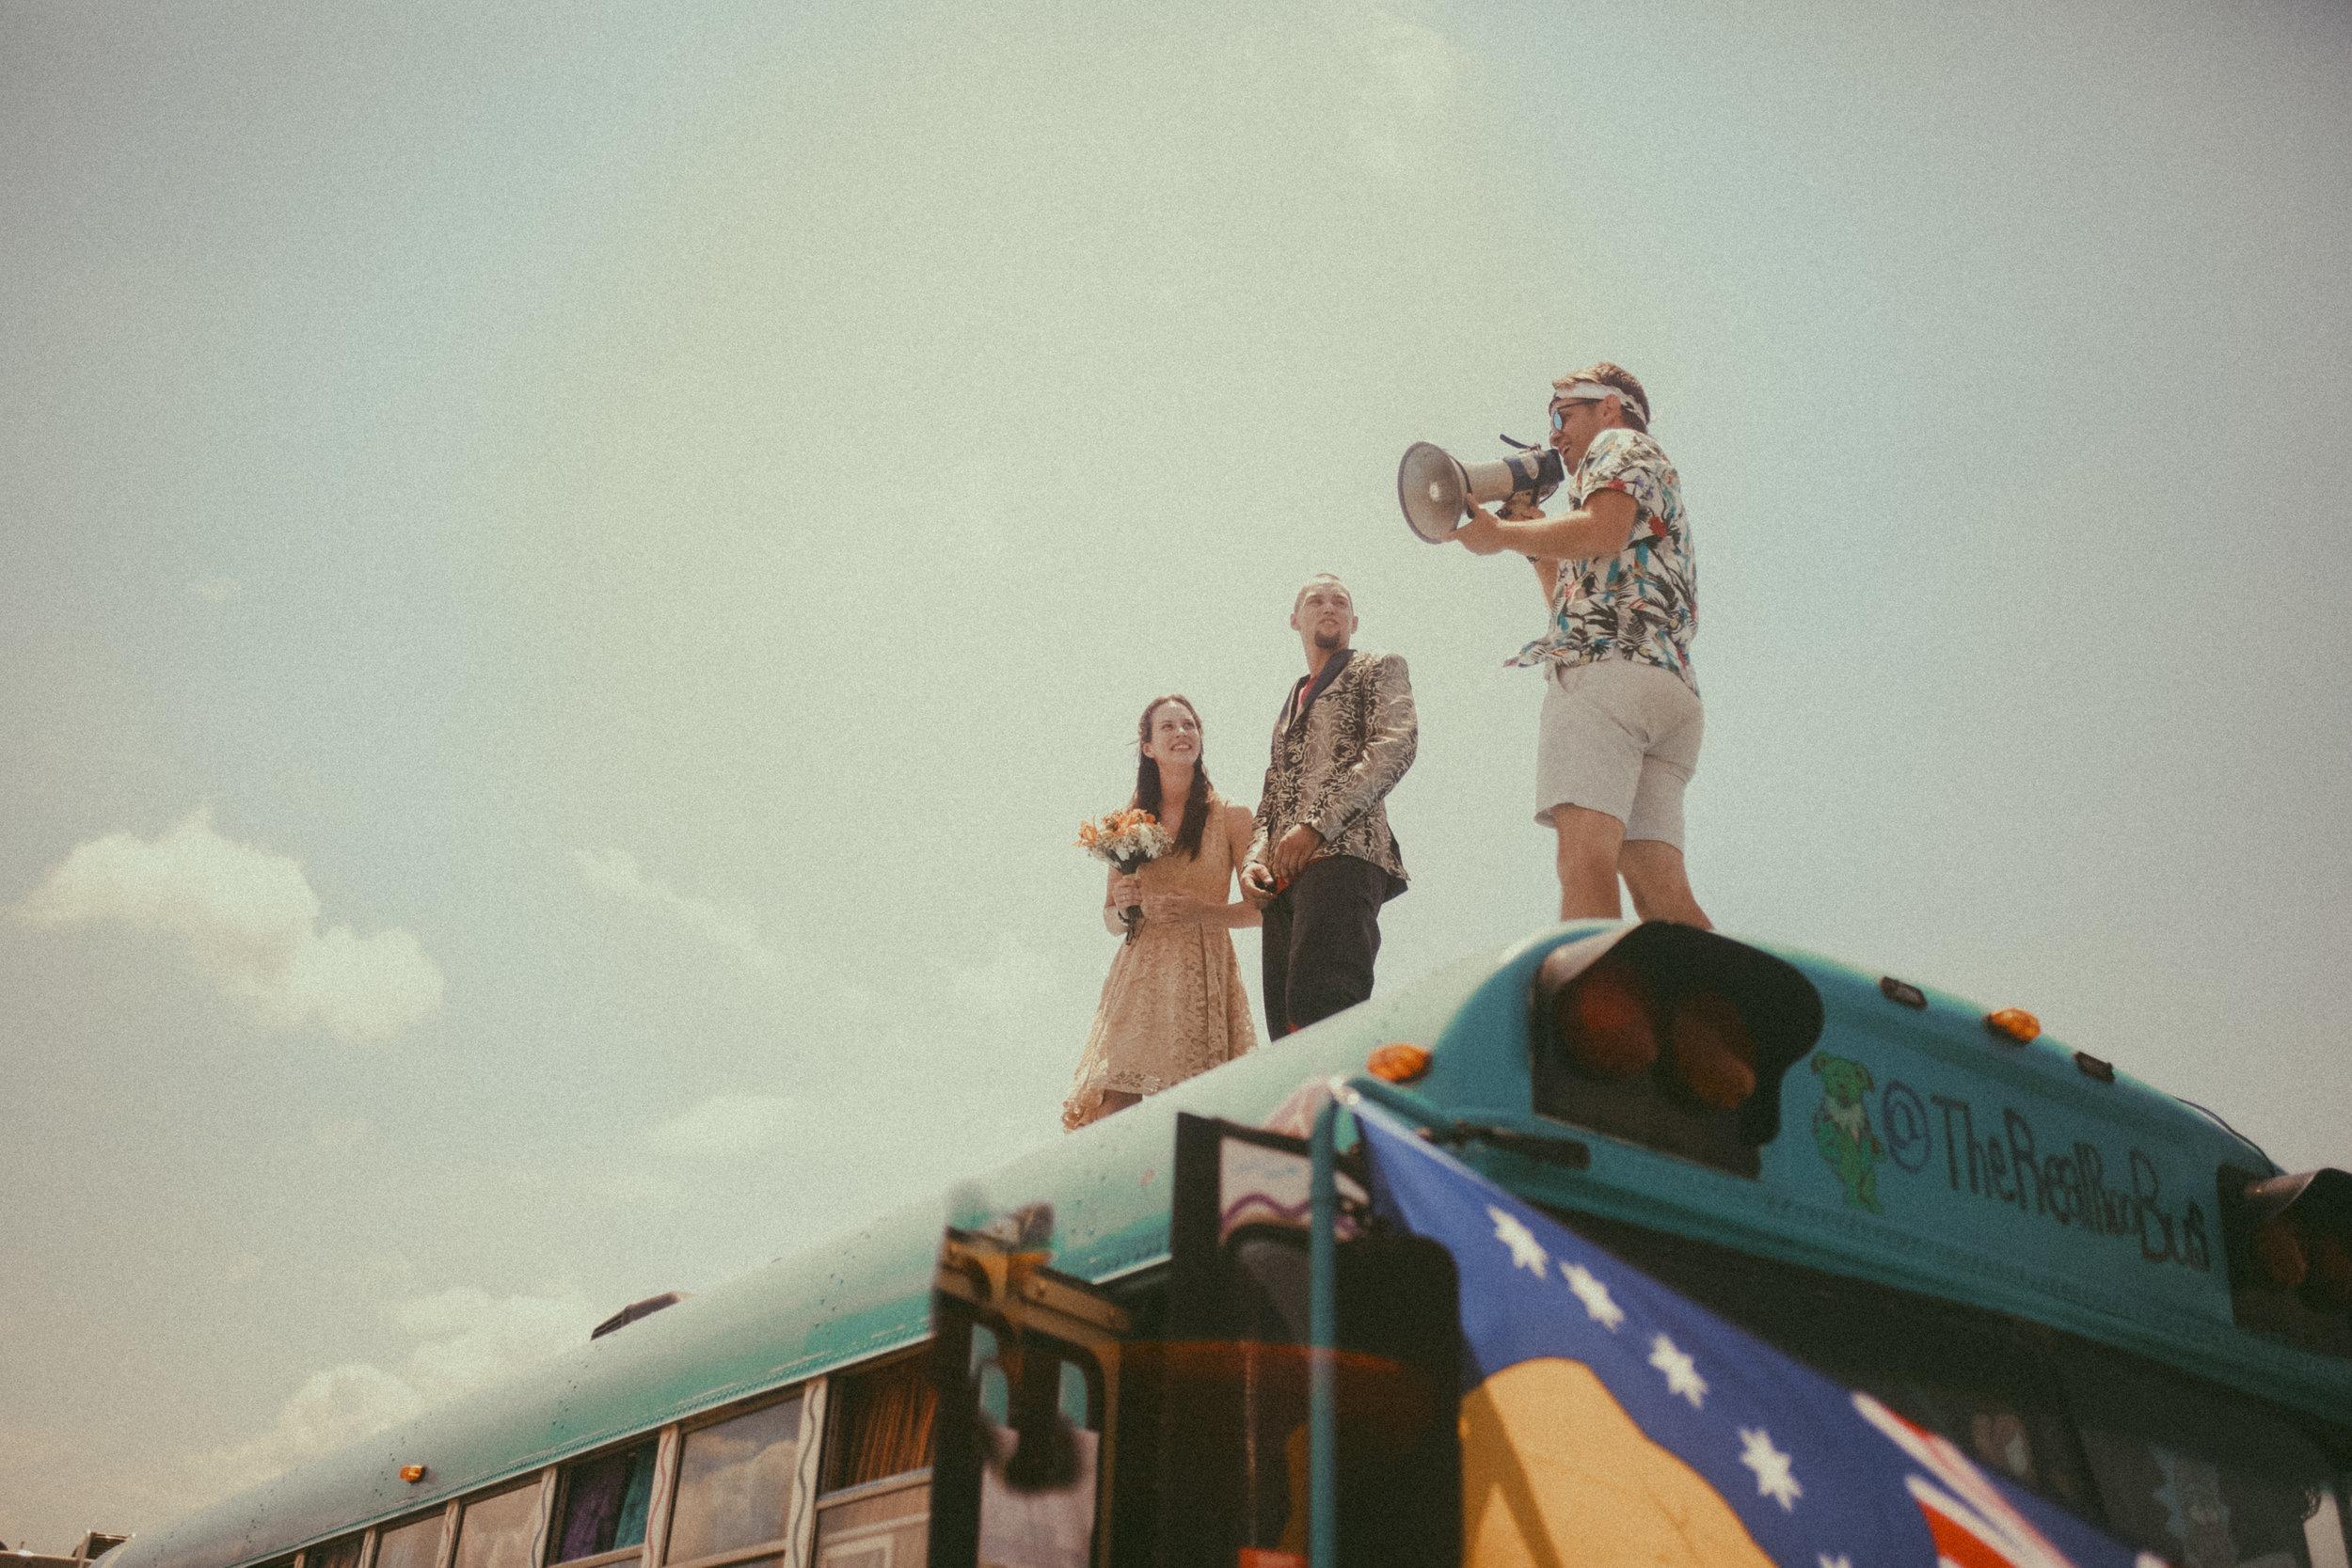 Bonnaroo-MusicFestivalWedding-Brittany&Kevin-19.jpg